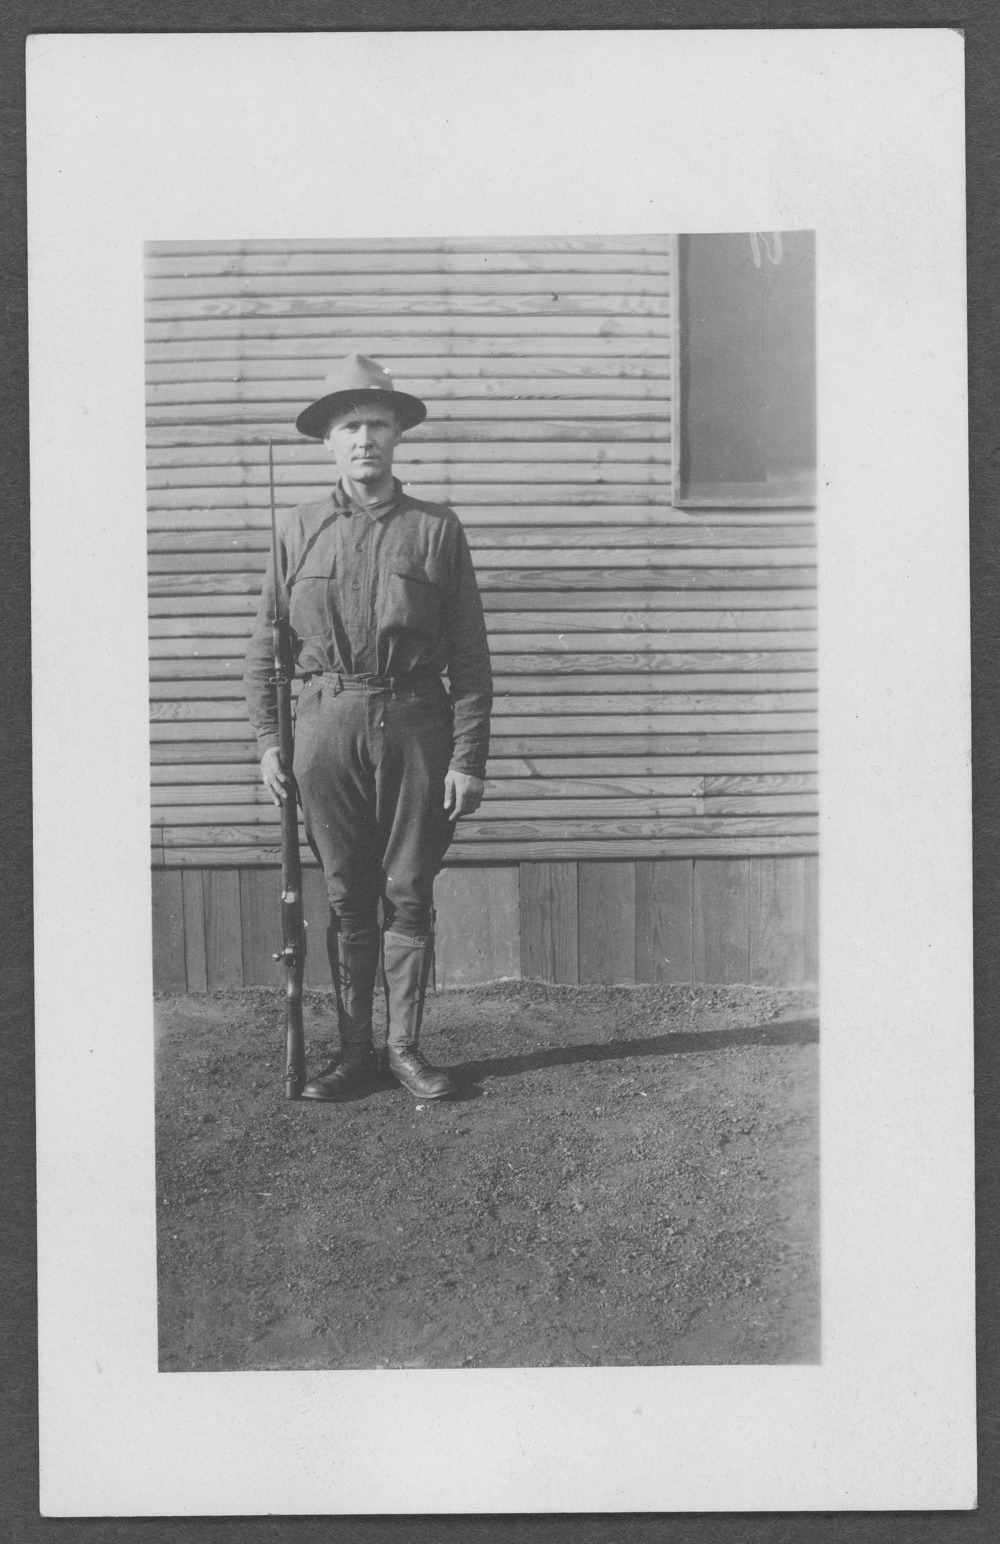 Albert F. Beskow, World War I soldier - 1